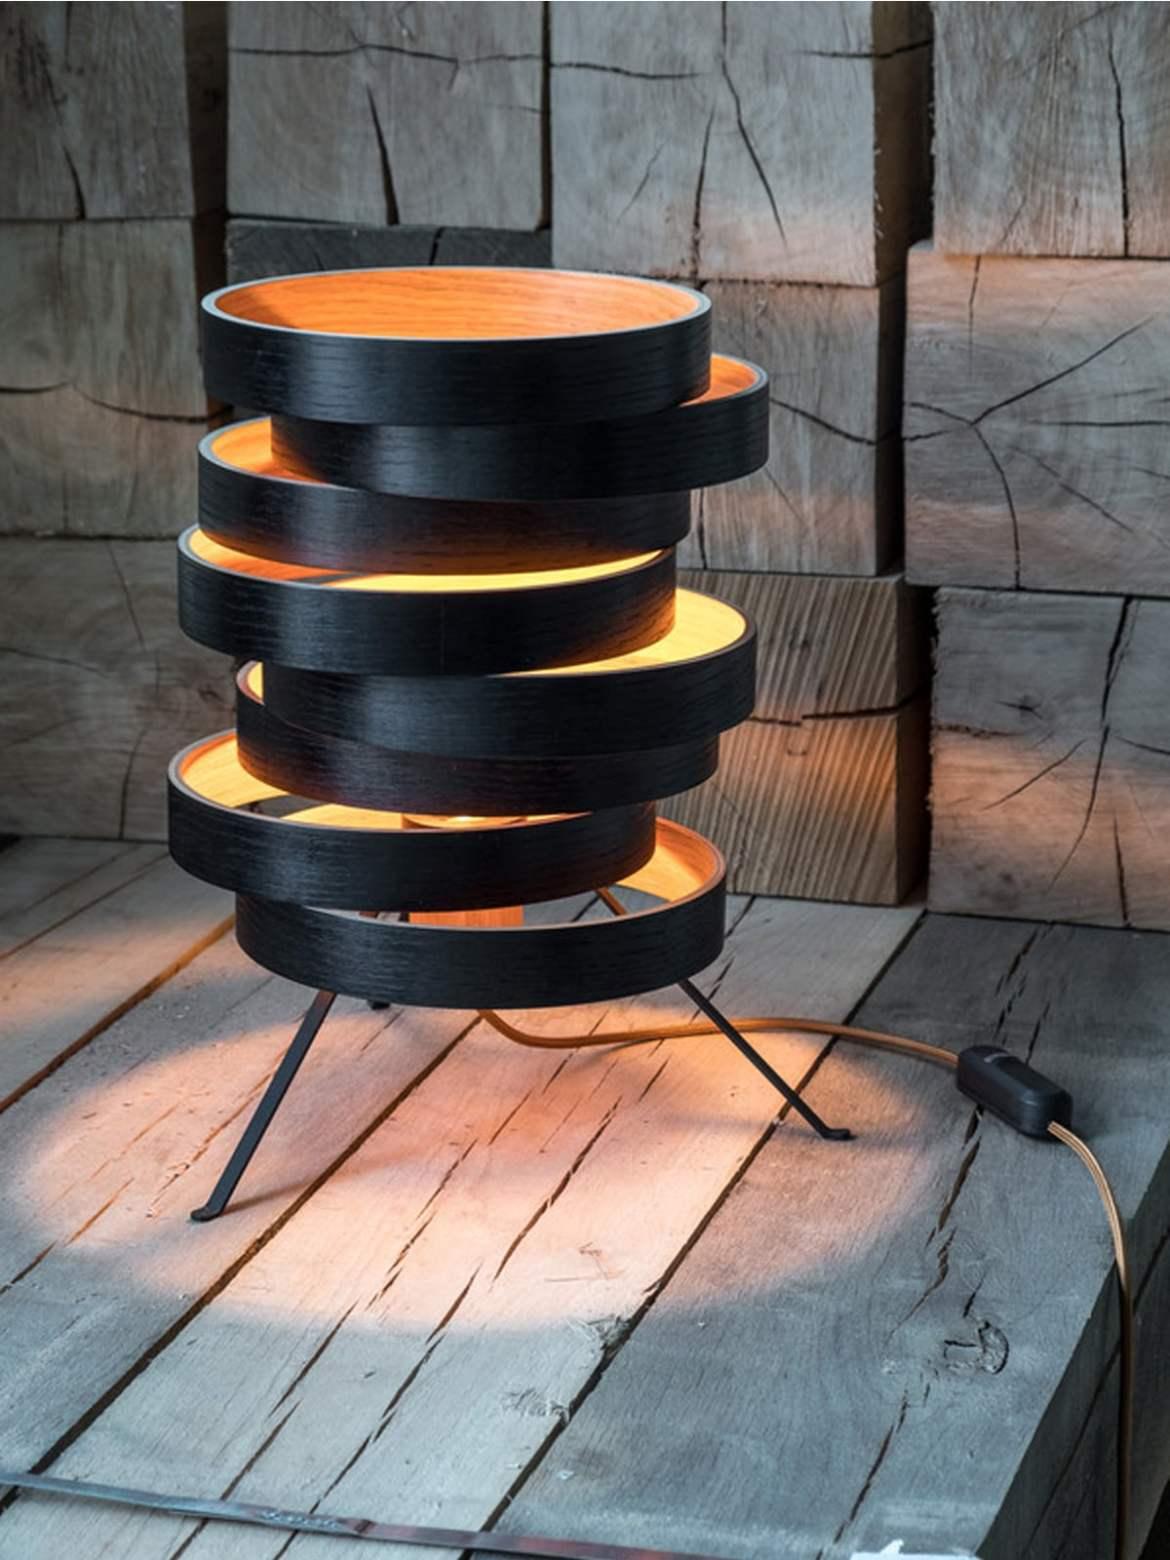 DesignOrt Blog Neuigkeiten Domus Licht Cloq Tischlampe aus Holz nachhaltig Made in Germany